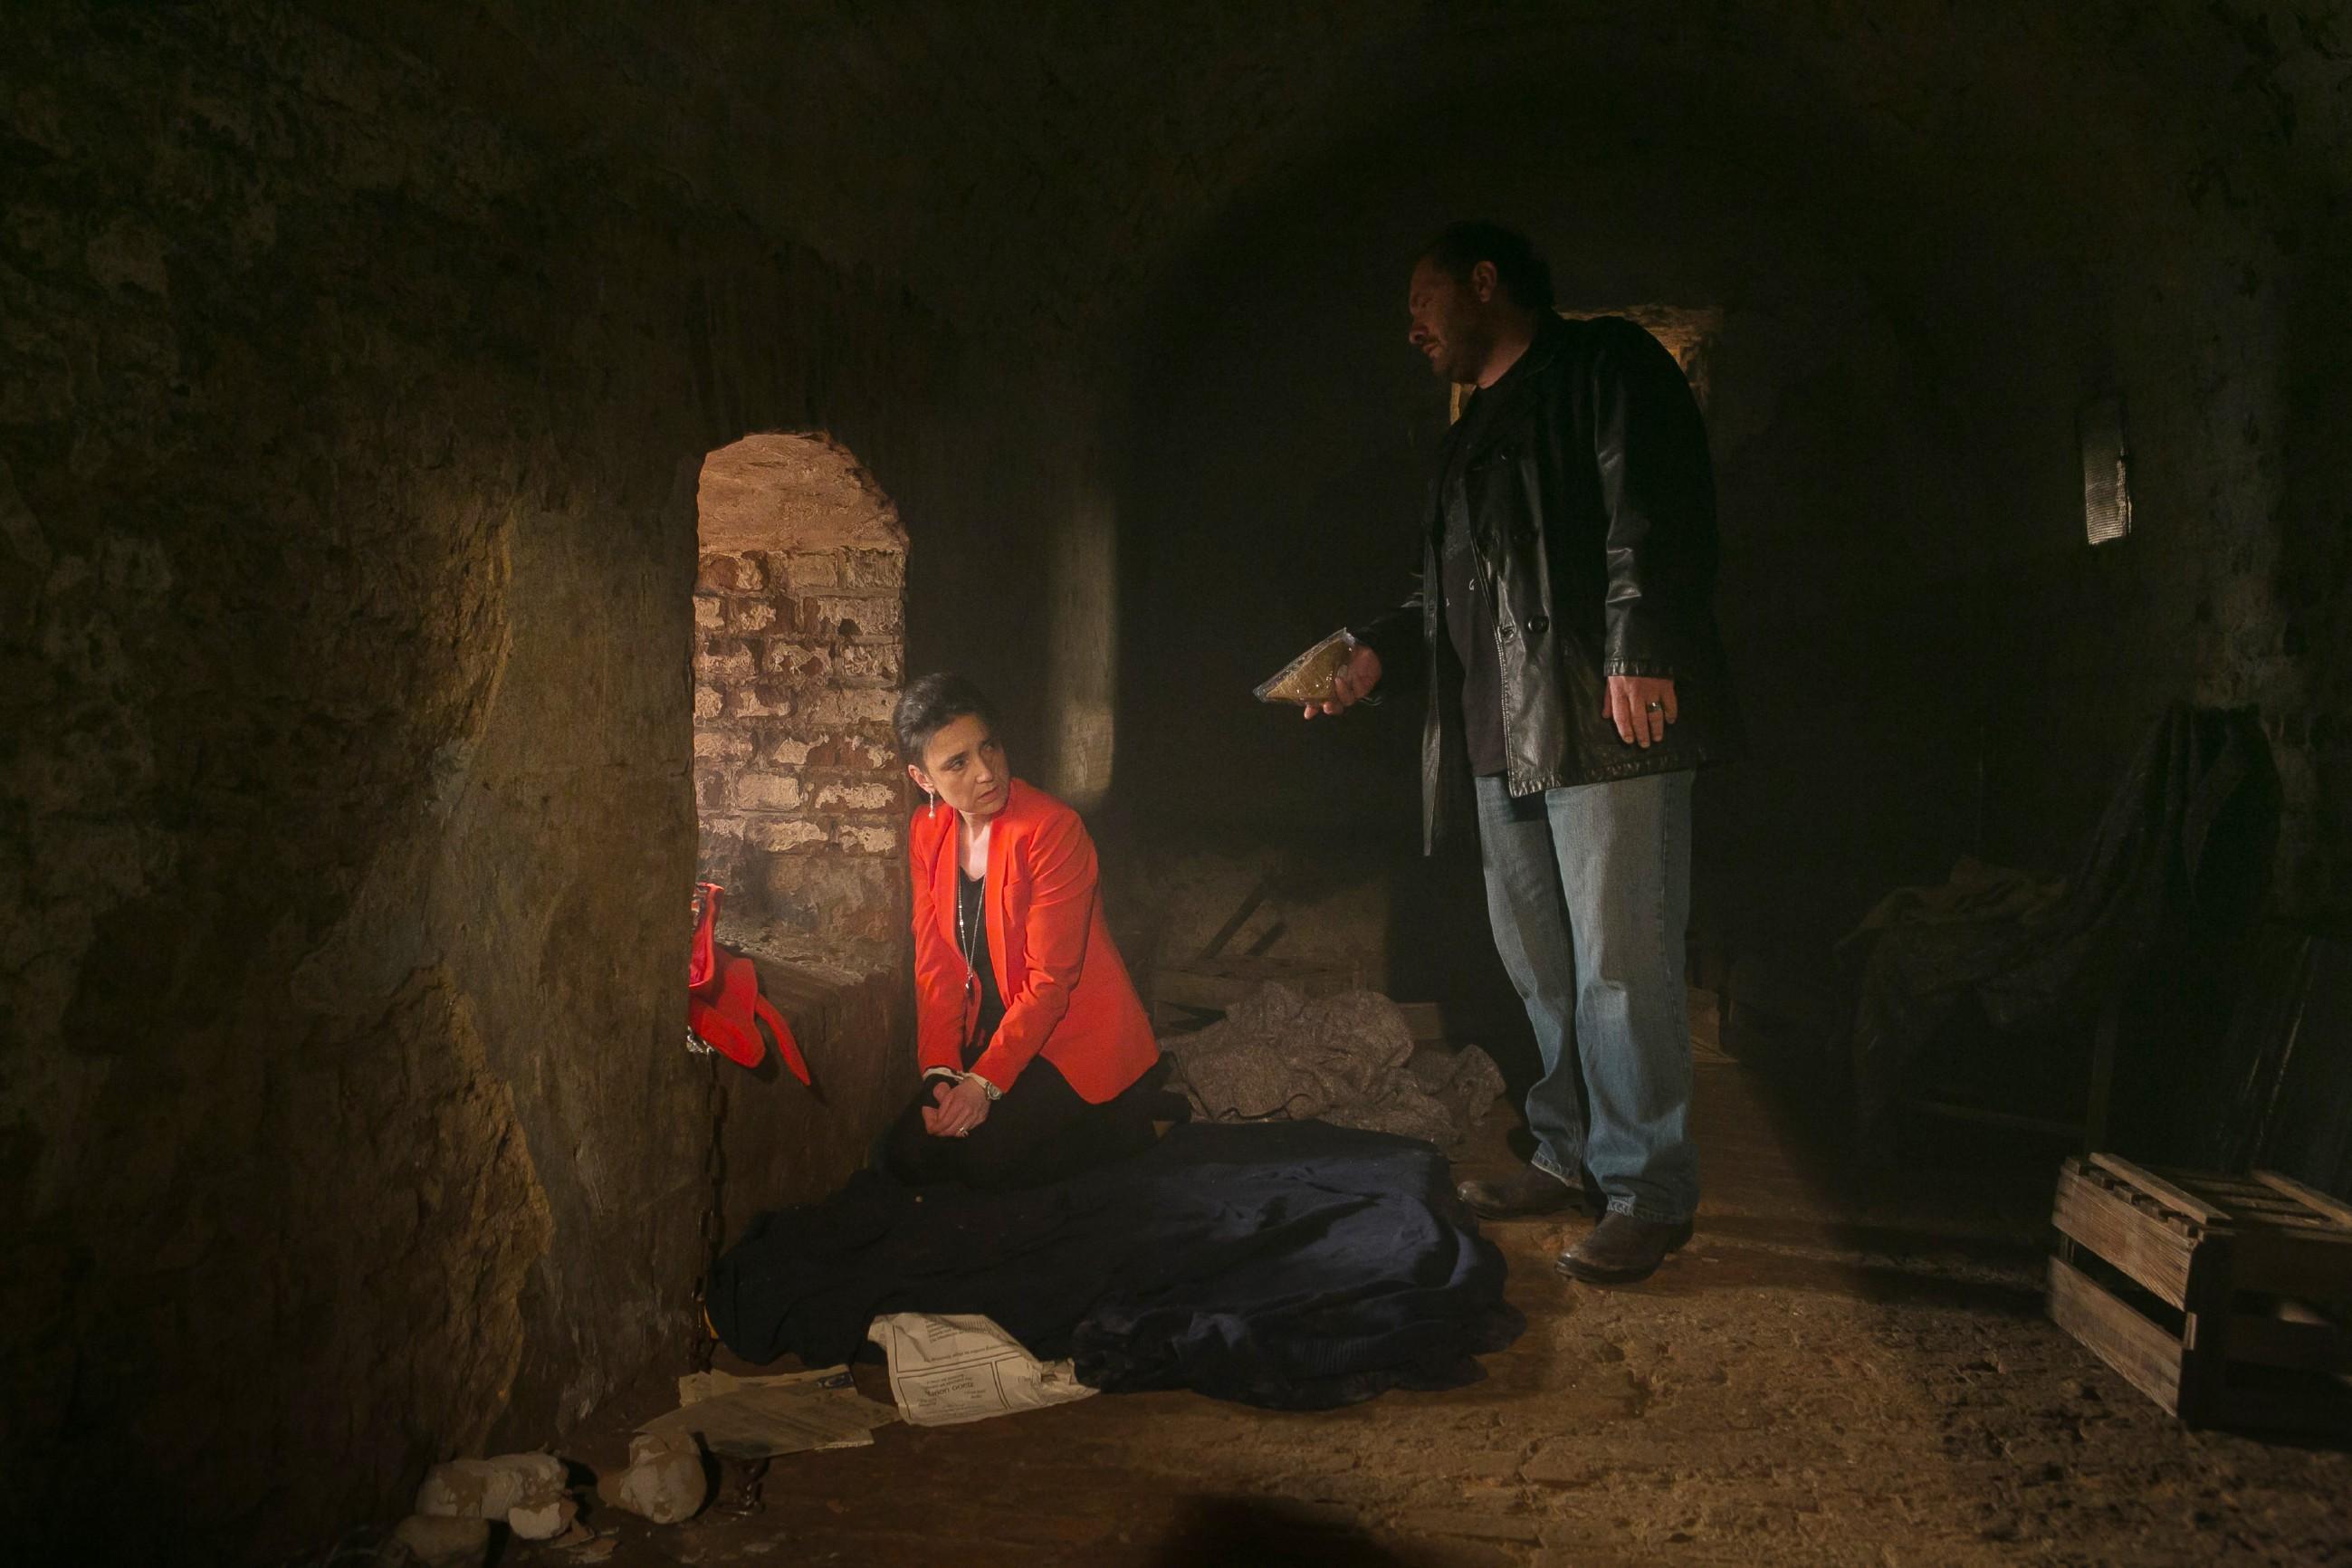 Die entführte Simone (Tatjana Clasing) weist das von ihrem Entführer Kerber (Marcus Jakovljevic) angebotene Sandwich konsequent zurück... (Quelle: RTL / Kai Schulz)